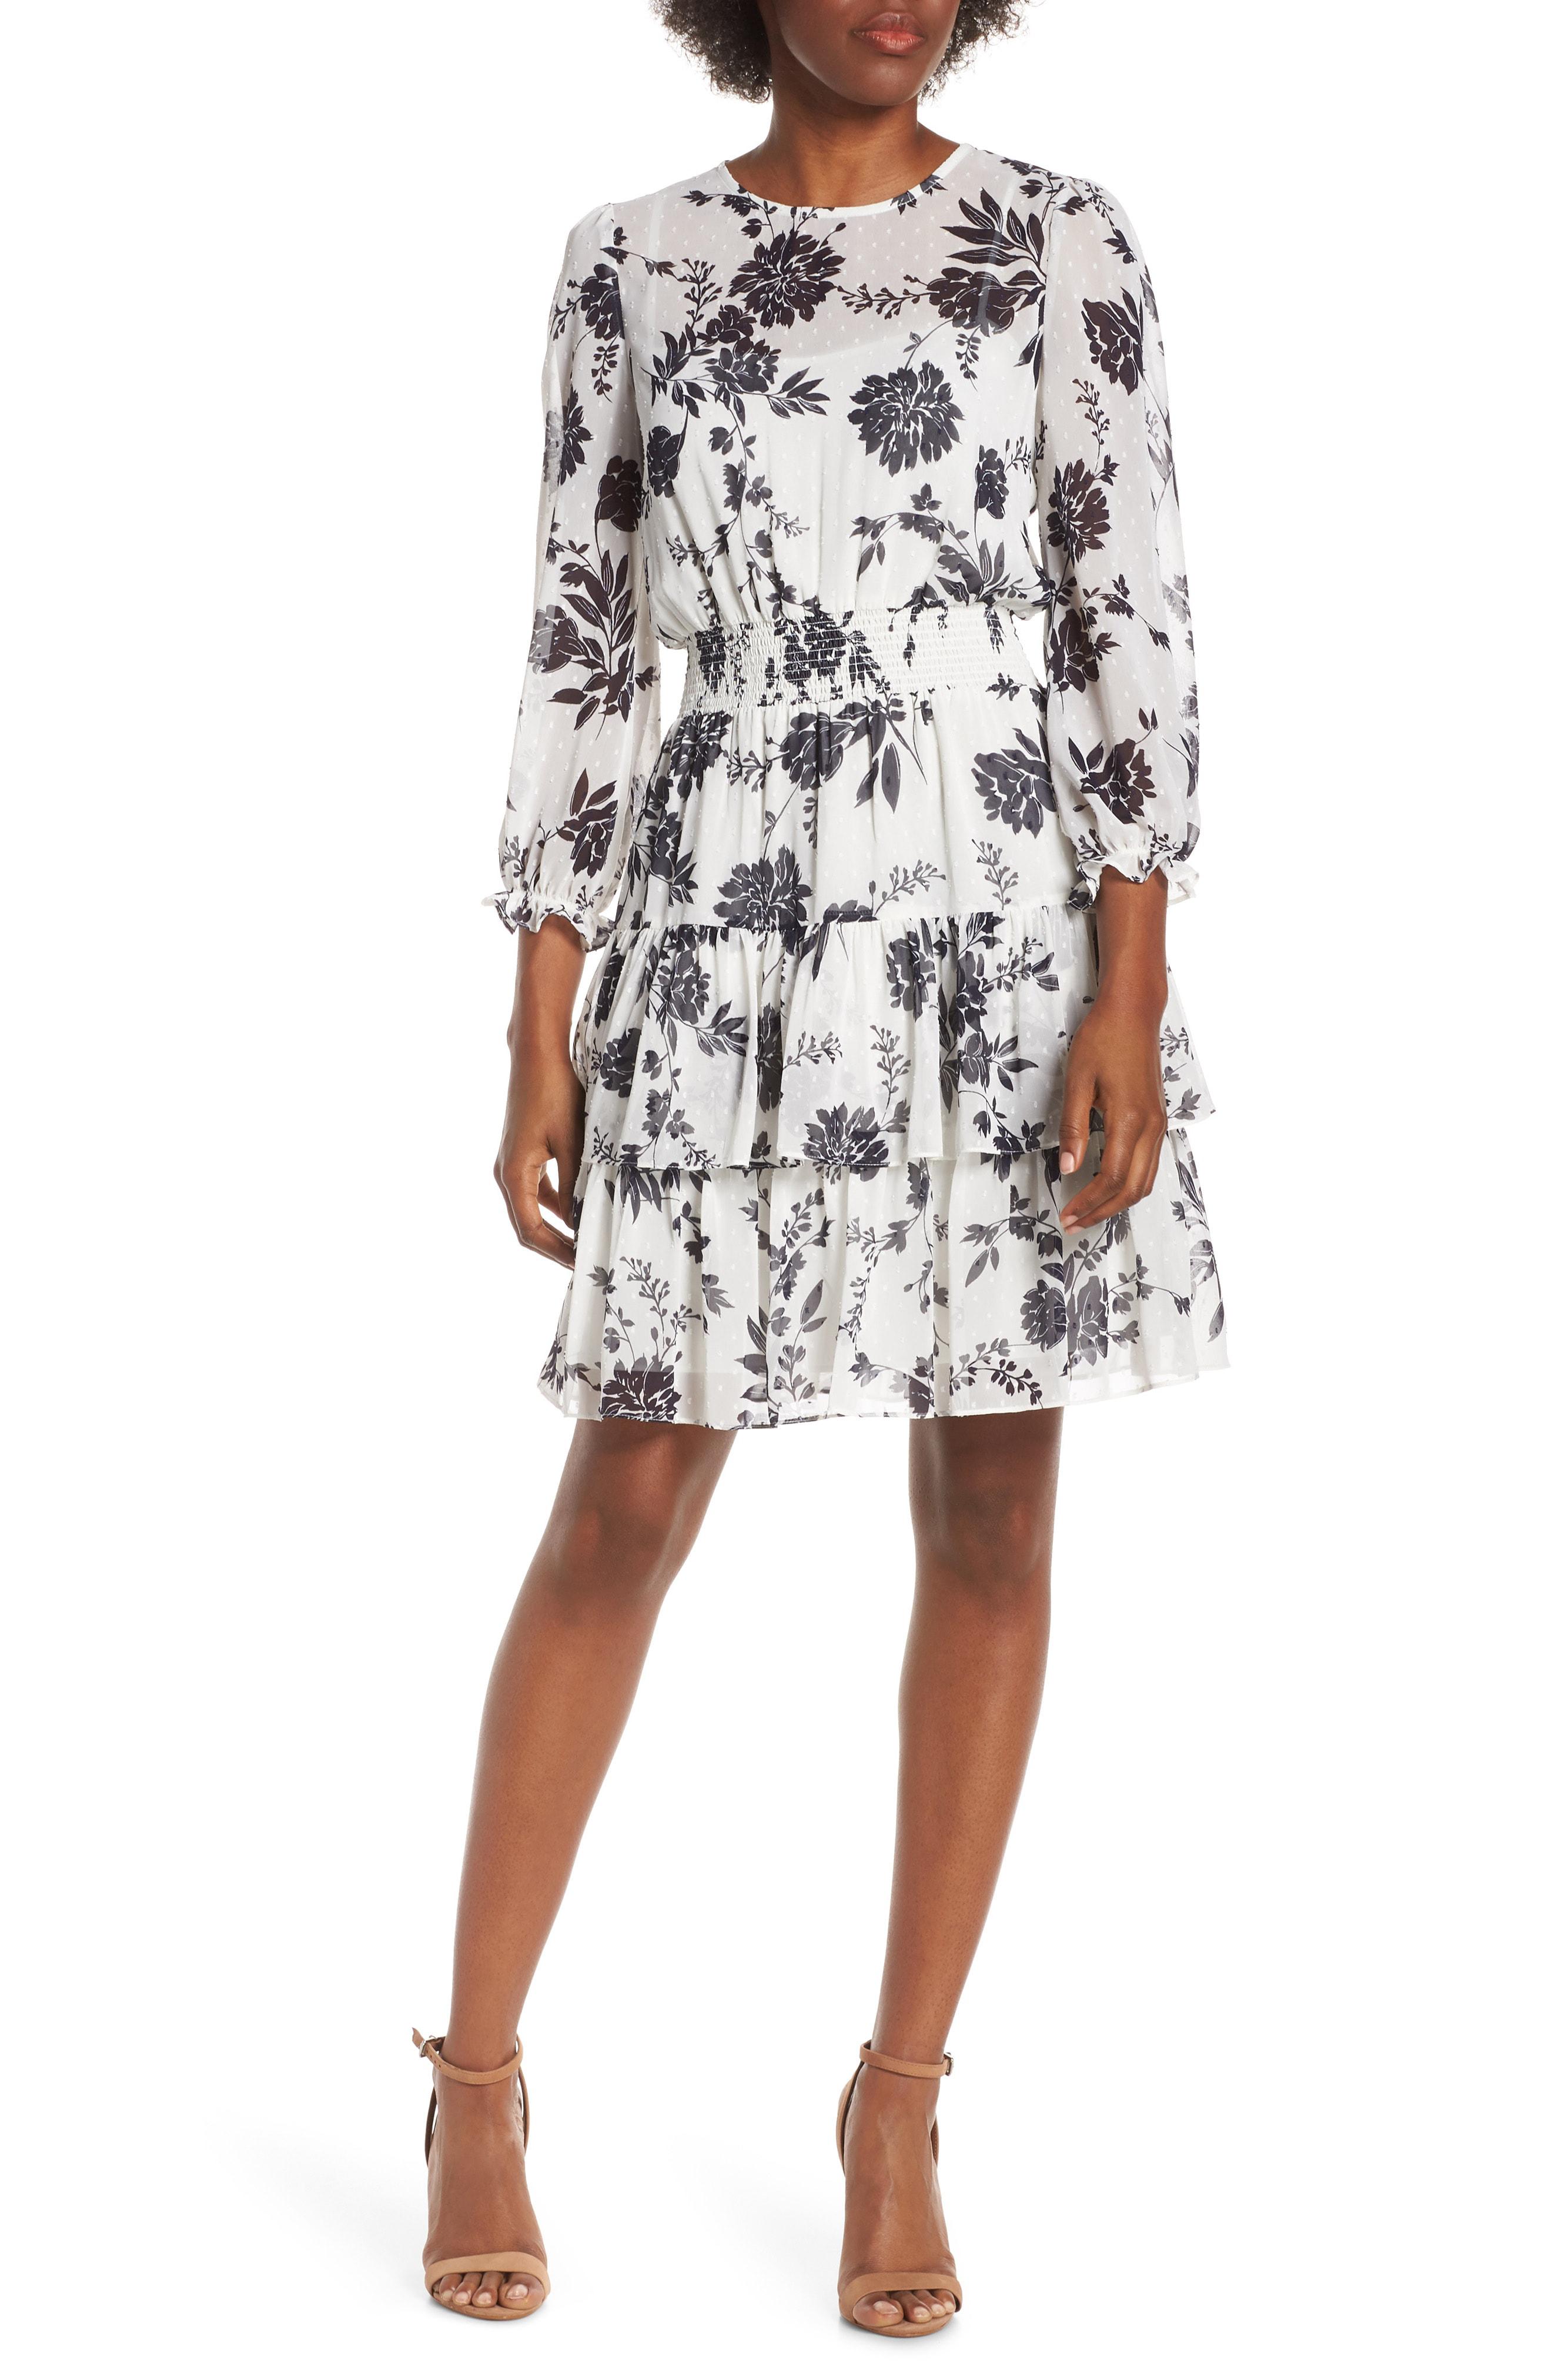 d22abf5a644 Eliza J Ruffle Blouson Dress In Ivory